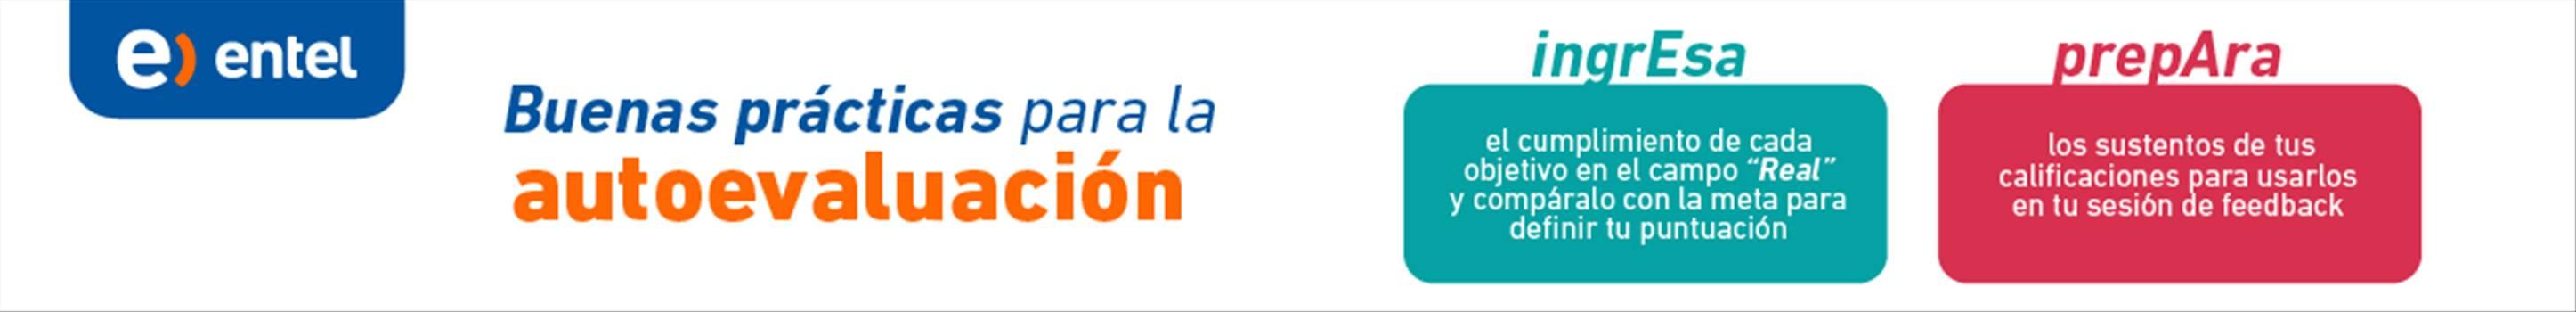 Banner Autoevaluación.png by andreaespinoza